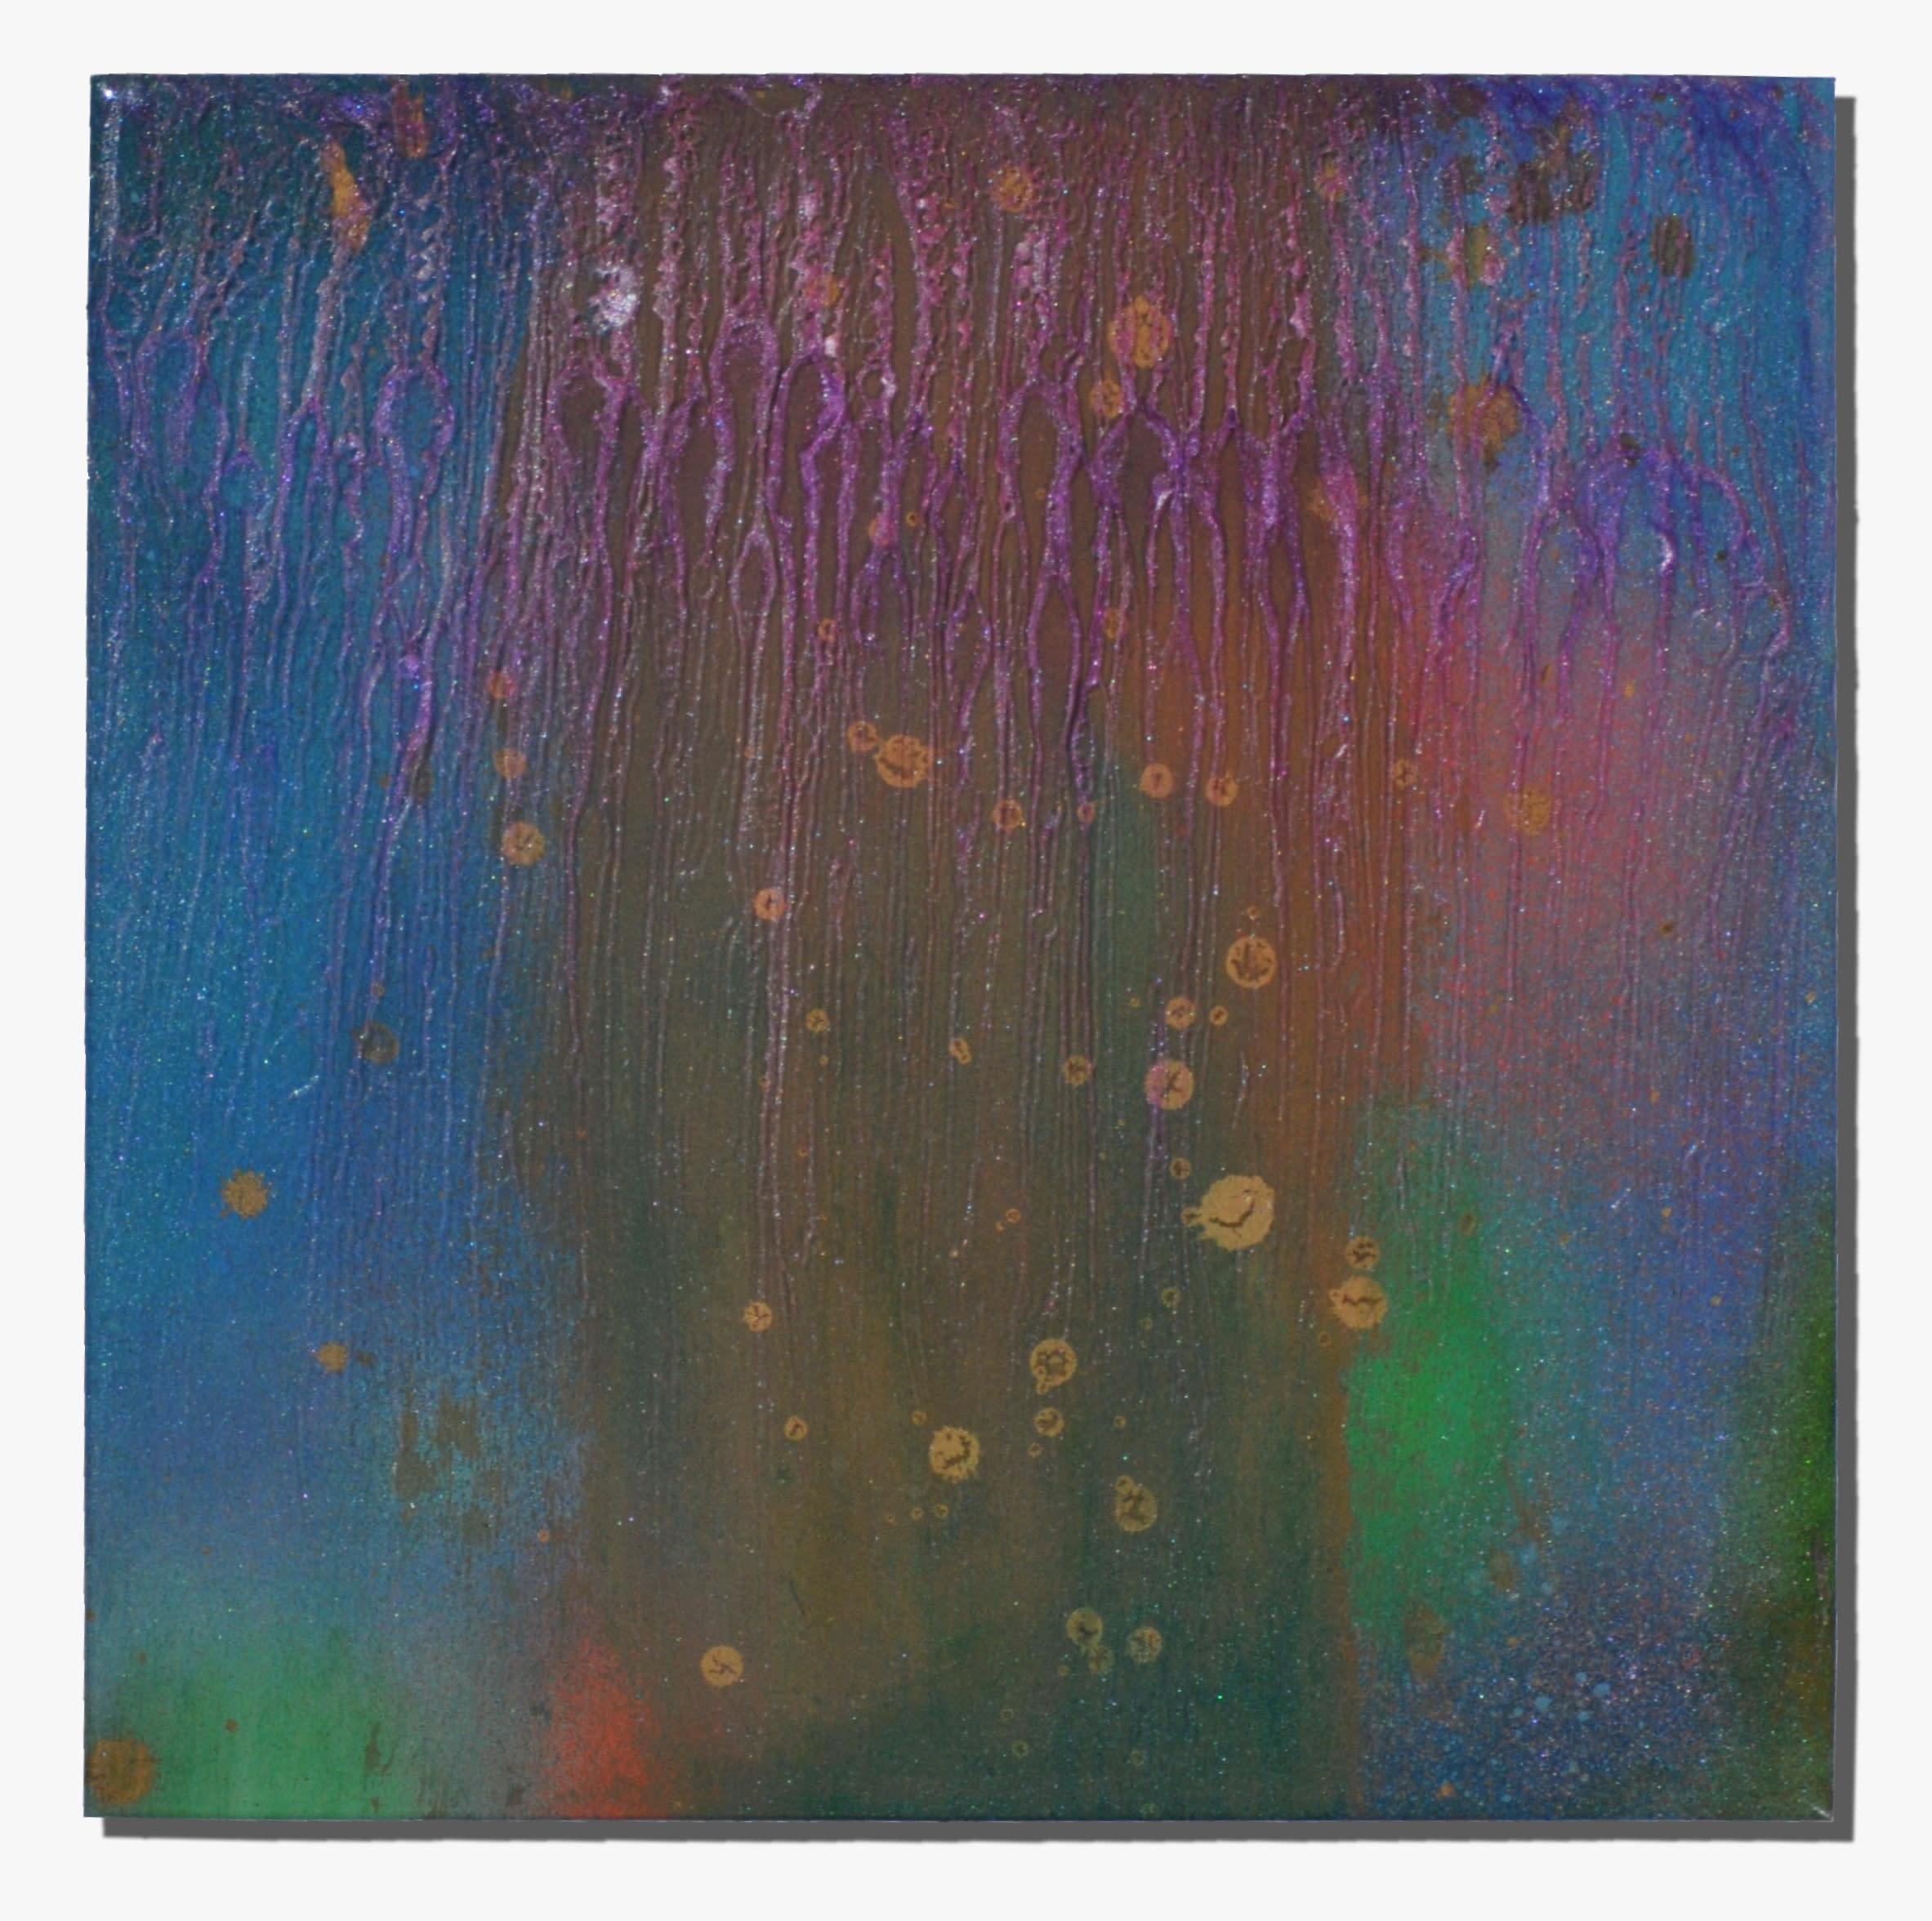 6inchpurplecolorfulonblue bj1gik